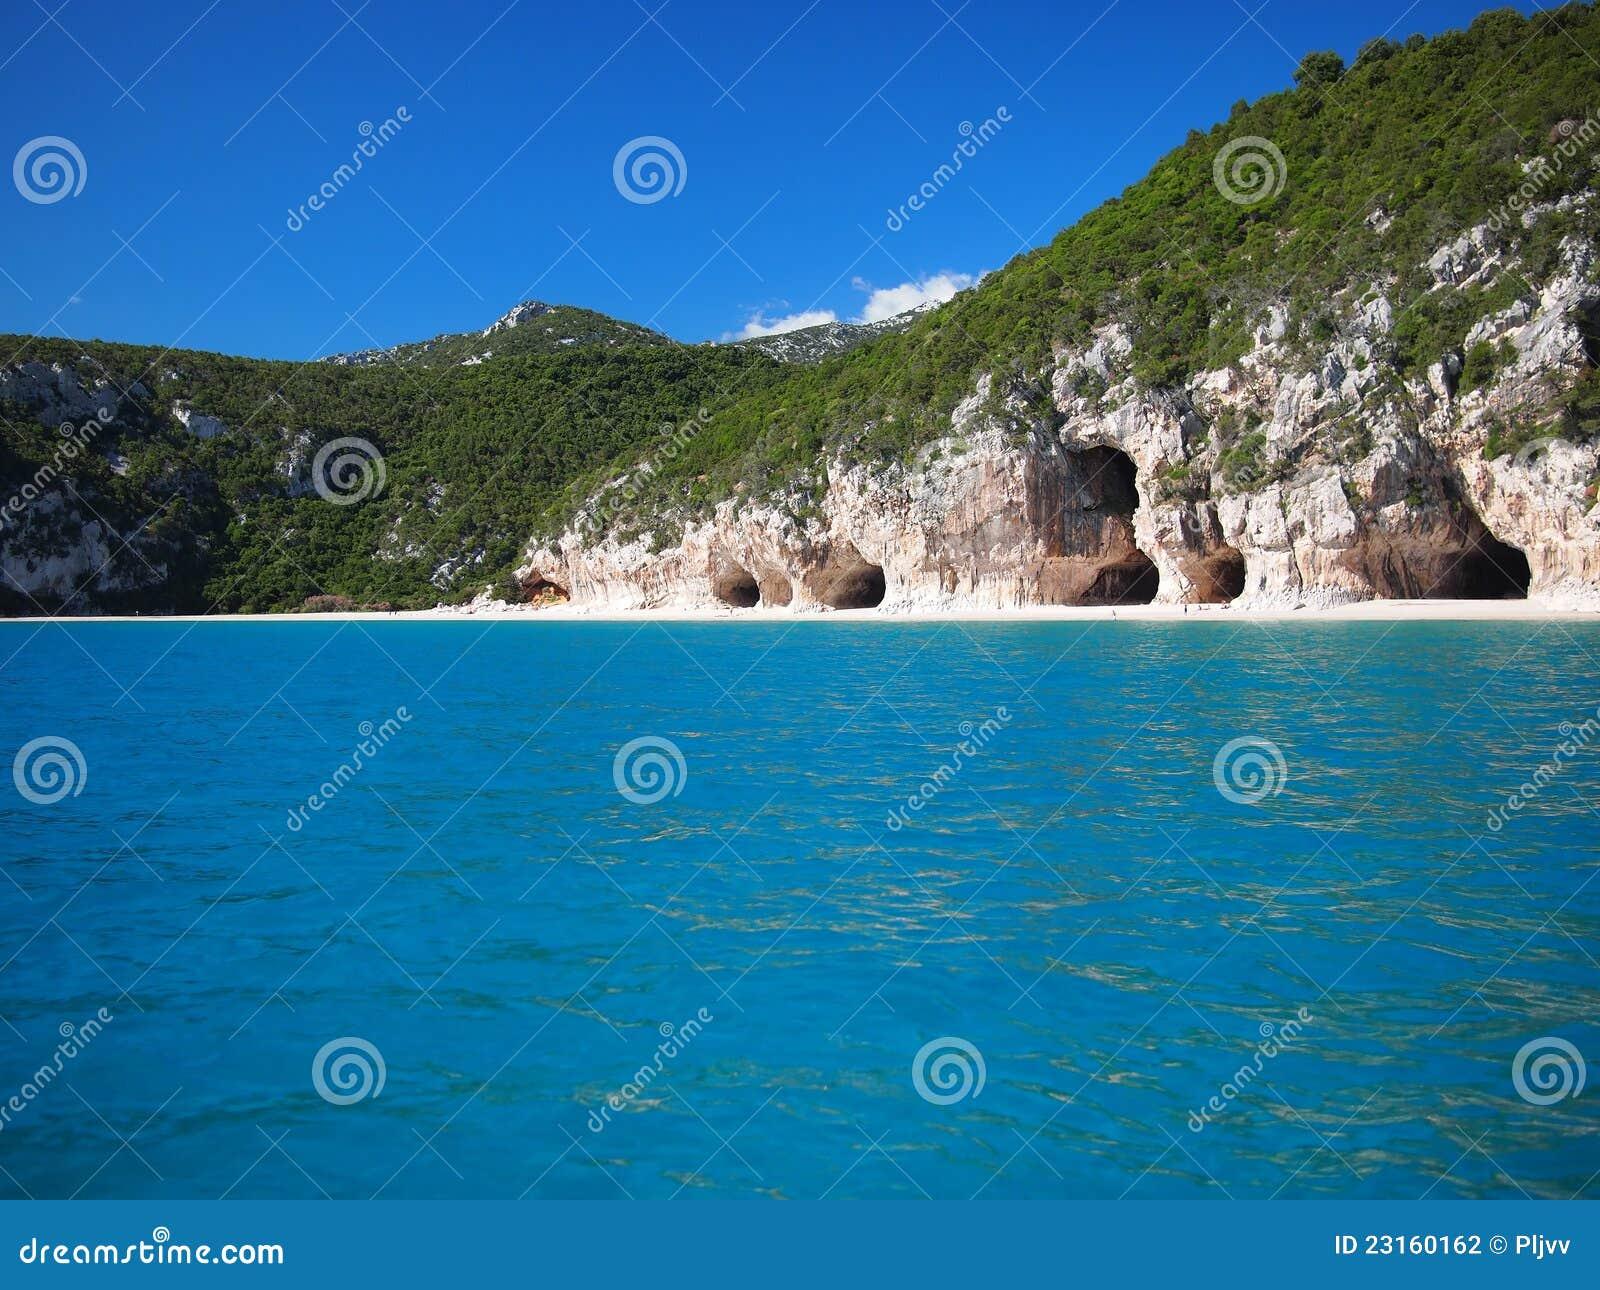 a628d42cc16cd Cuevas Características De La Playa De Cala Luna Foto de archivo ...